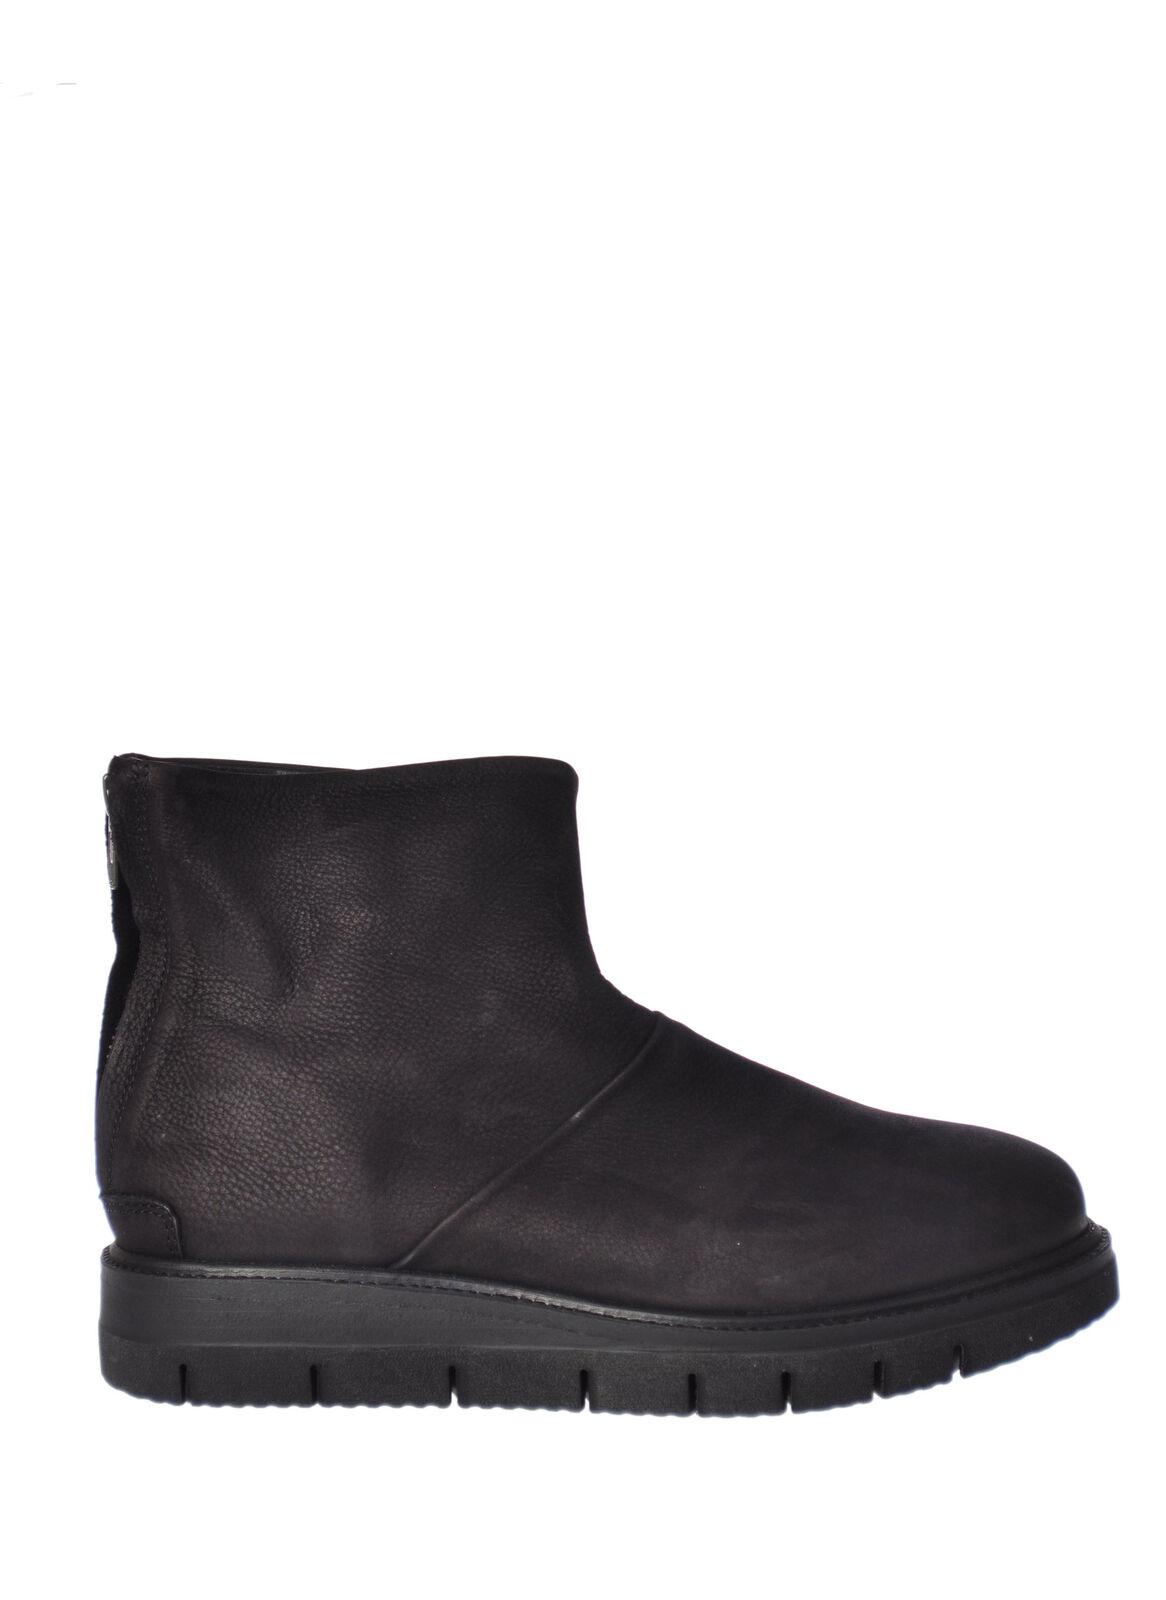 Lemarè - Shoes-Ankle-Boots - Woman - Black - 450915C184120